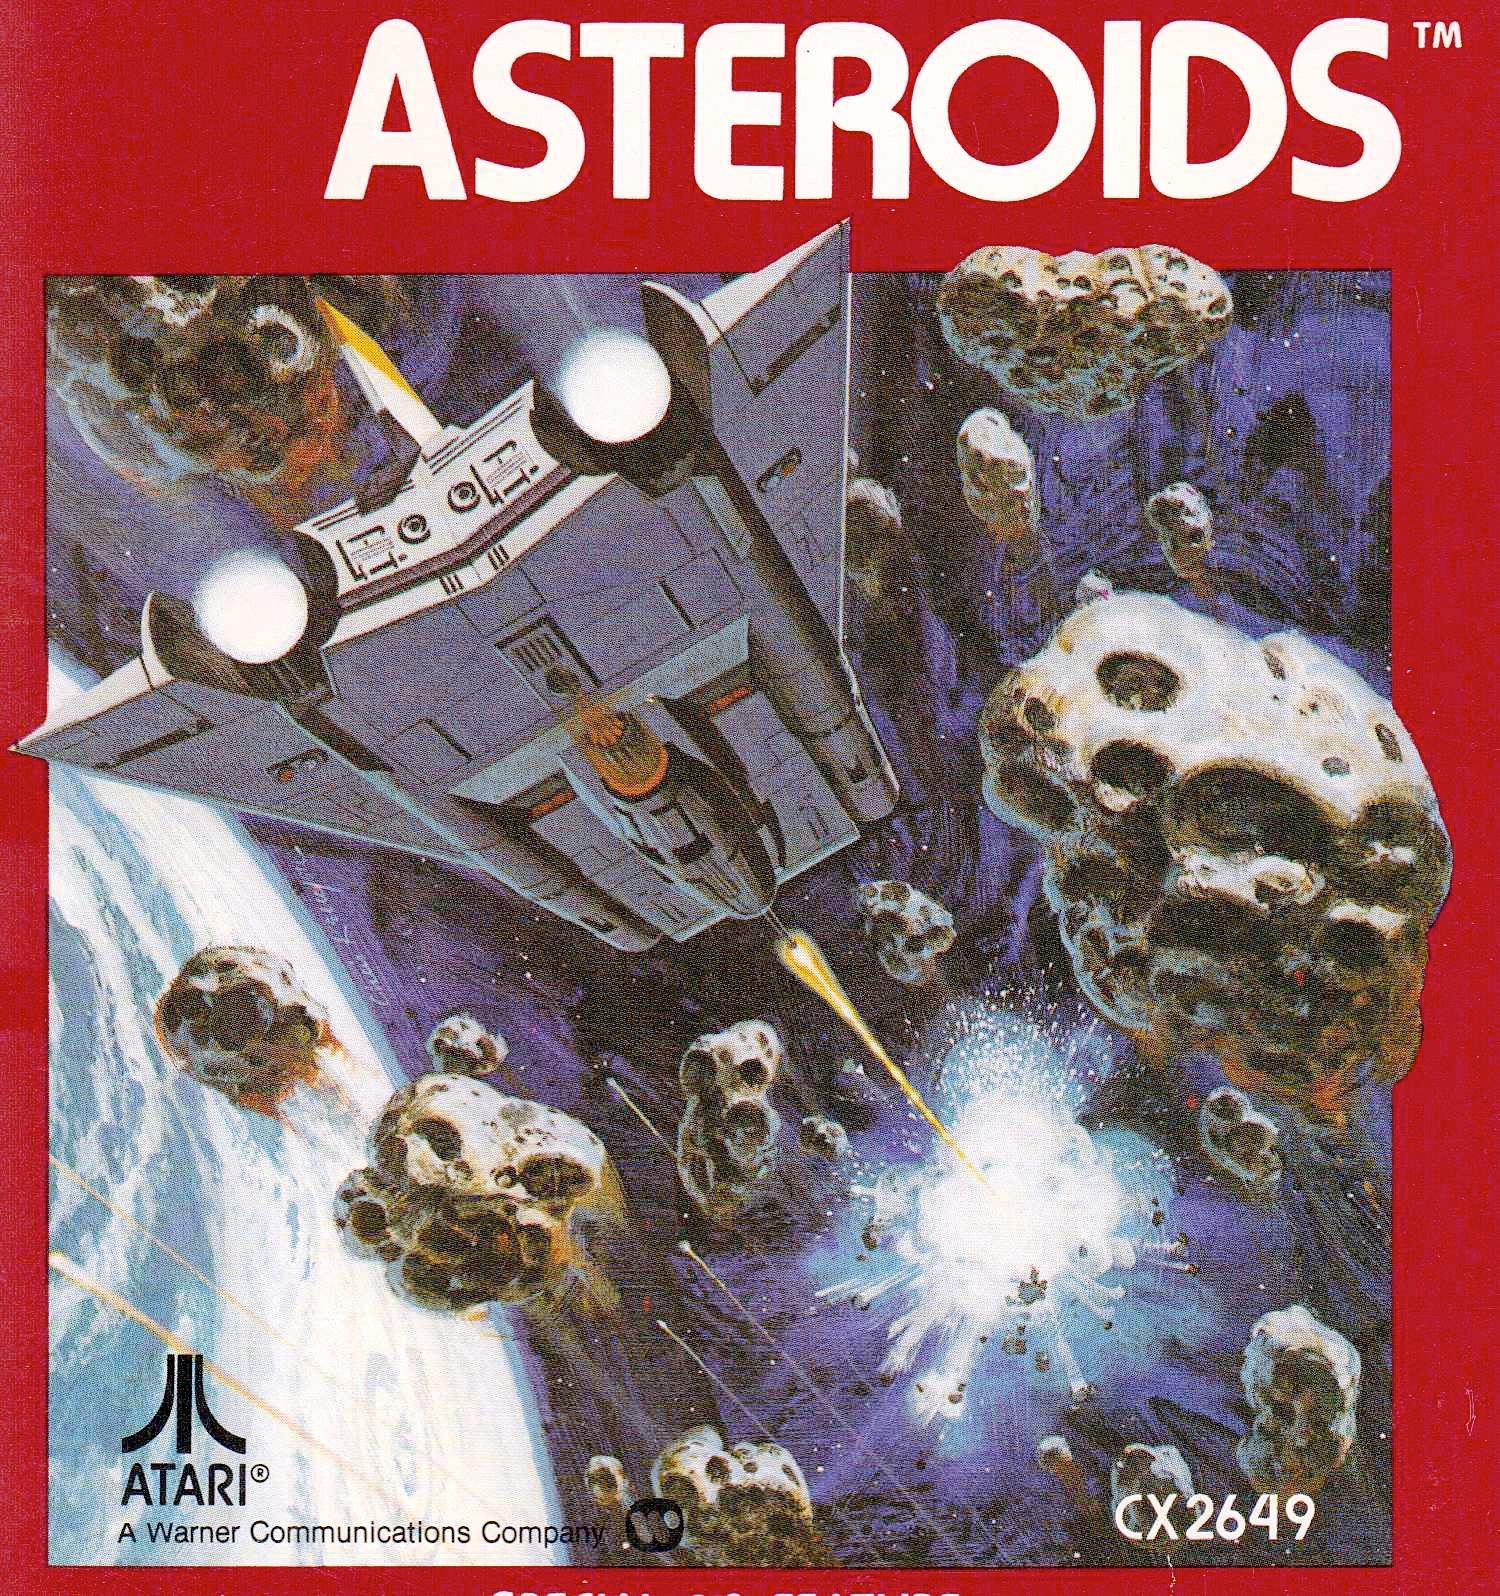 Artwork zu Asteroids für die VCS-Konsole von 1977. Endlich kommt Farbe in den tristen Weltraum (Bild: Atari)